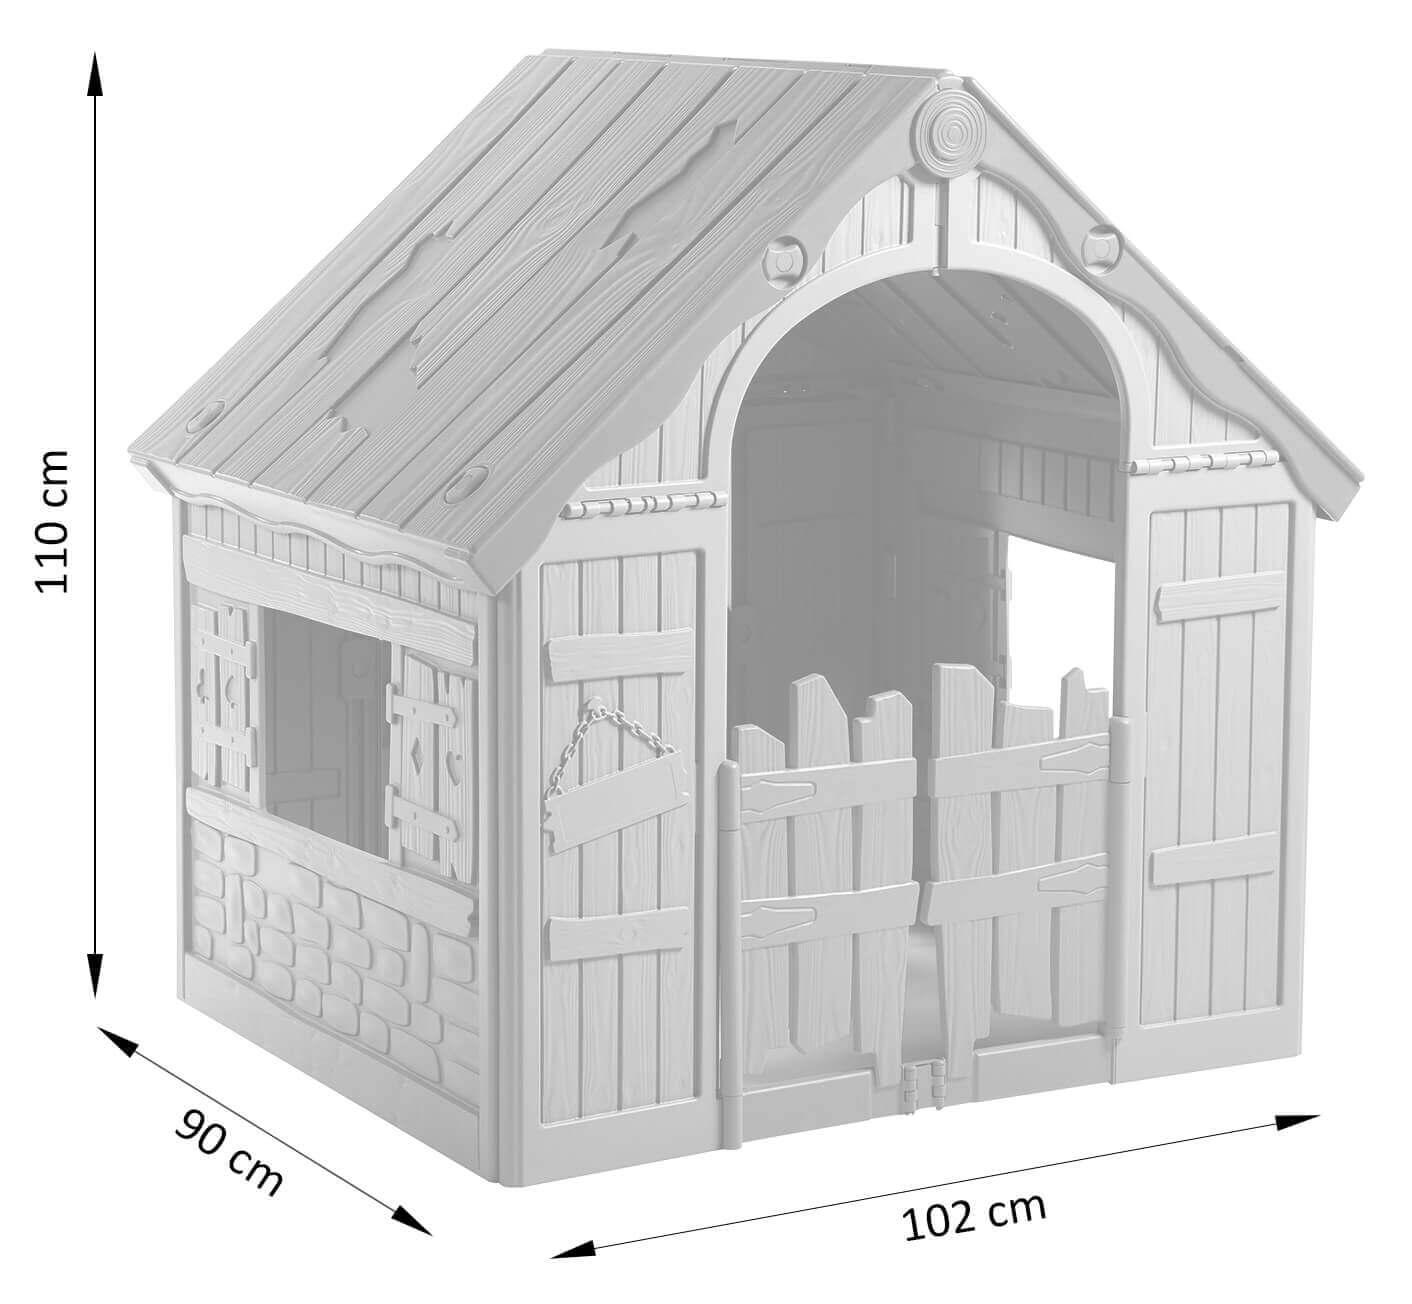 Wymiary domku dla dzieci Foldable